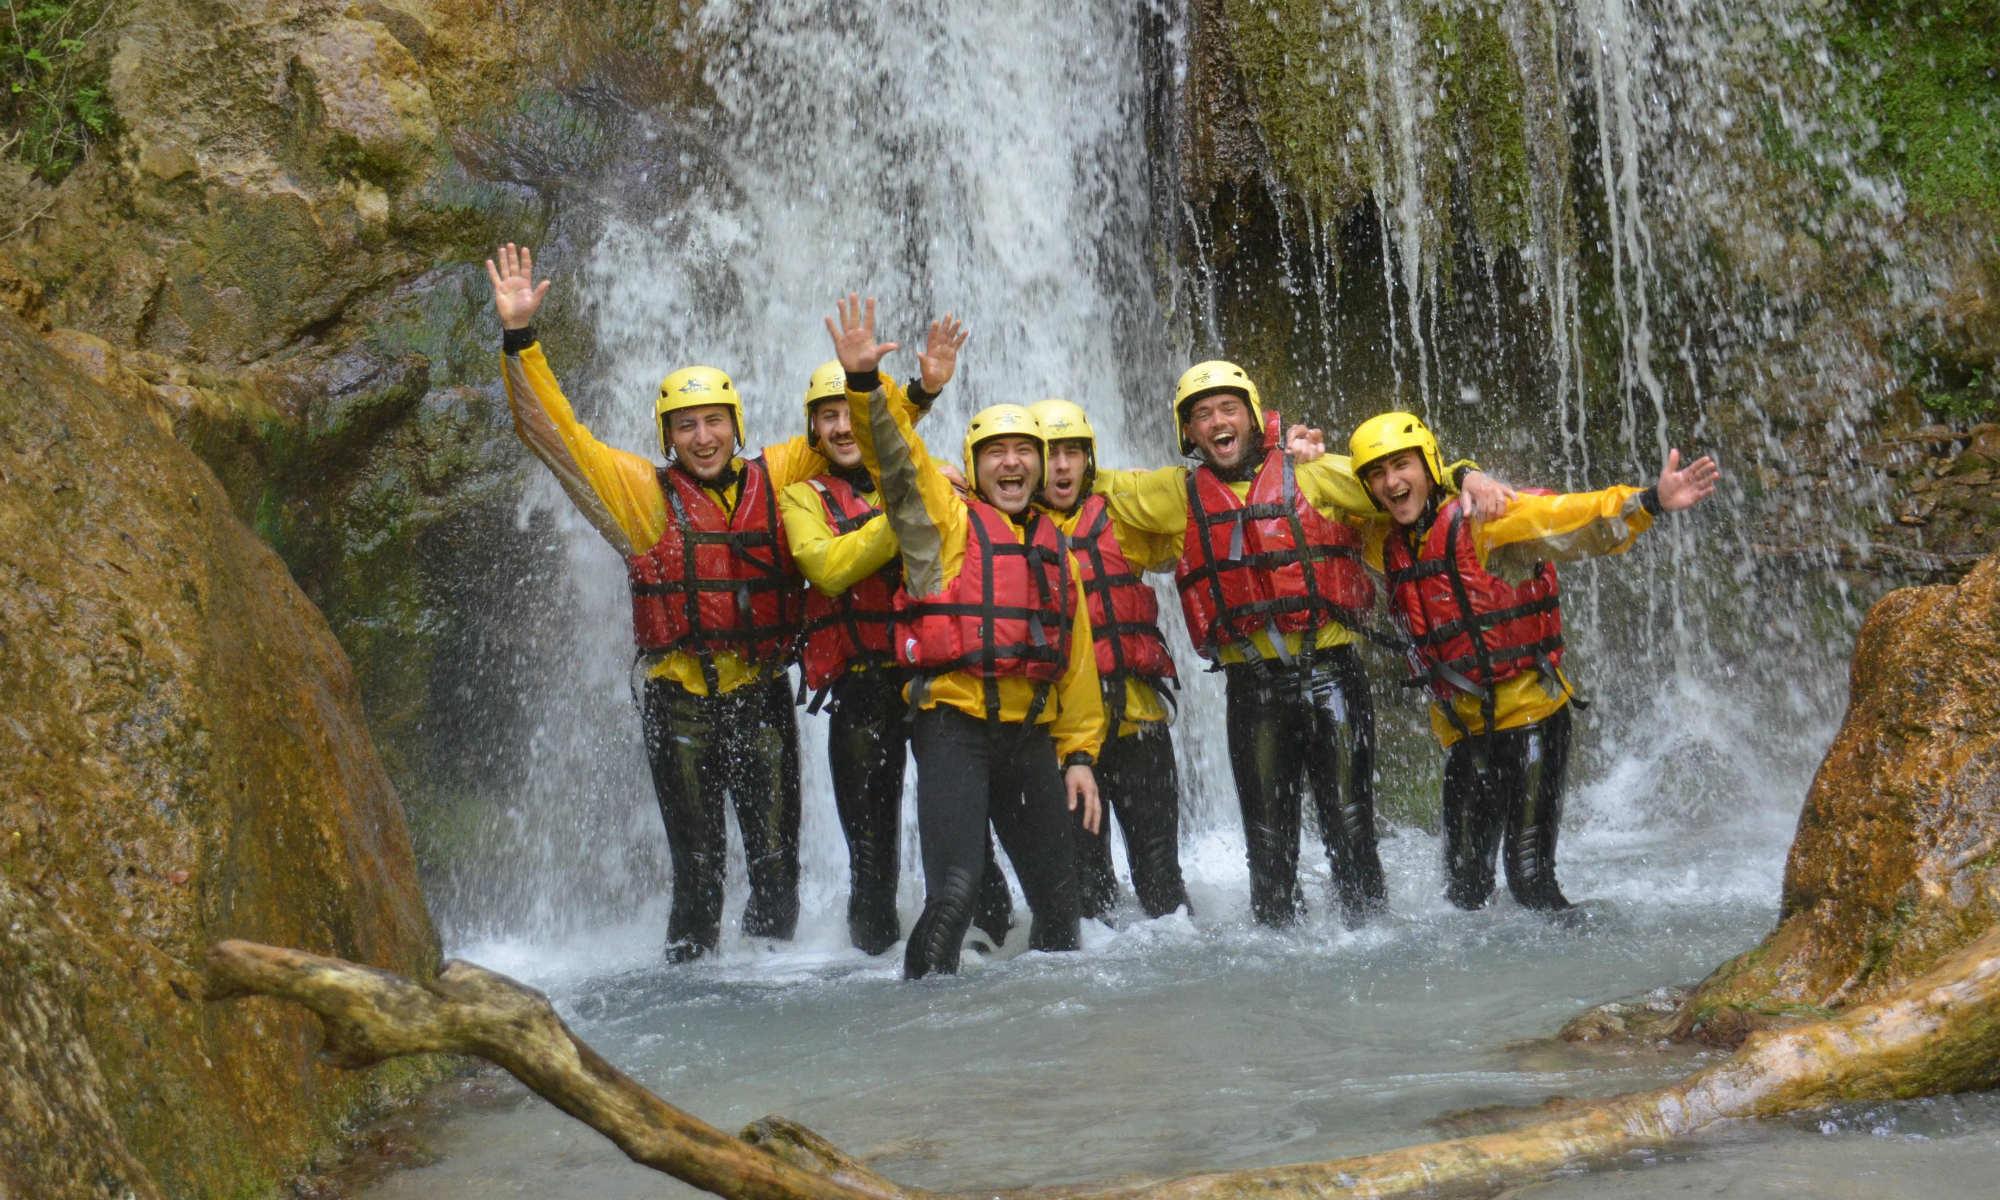 Un gruppo di ragazzi divertiti è in posa sotto una cascata nel fiume Lao.